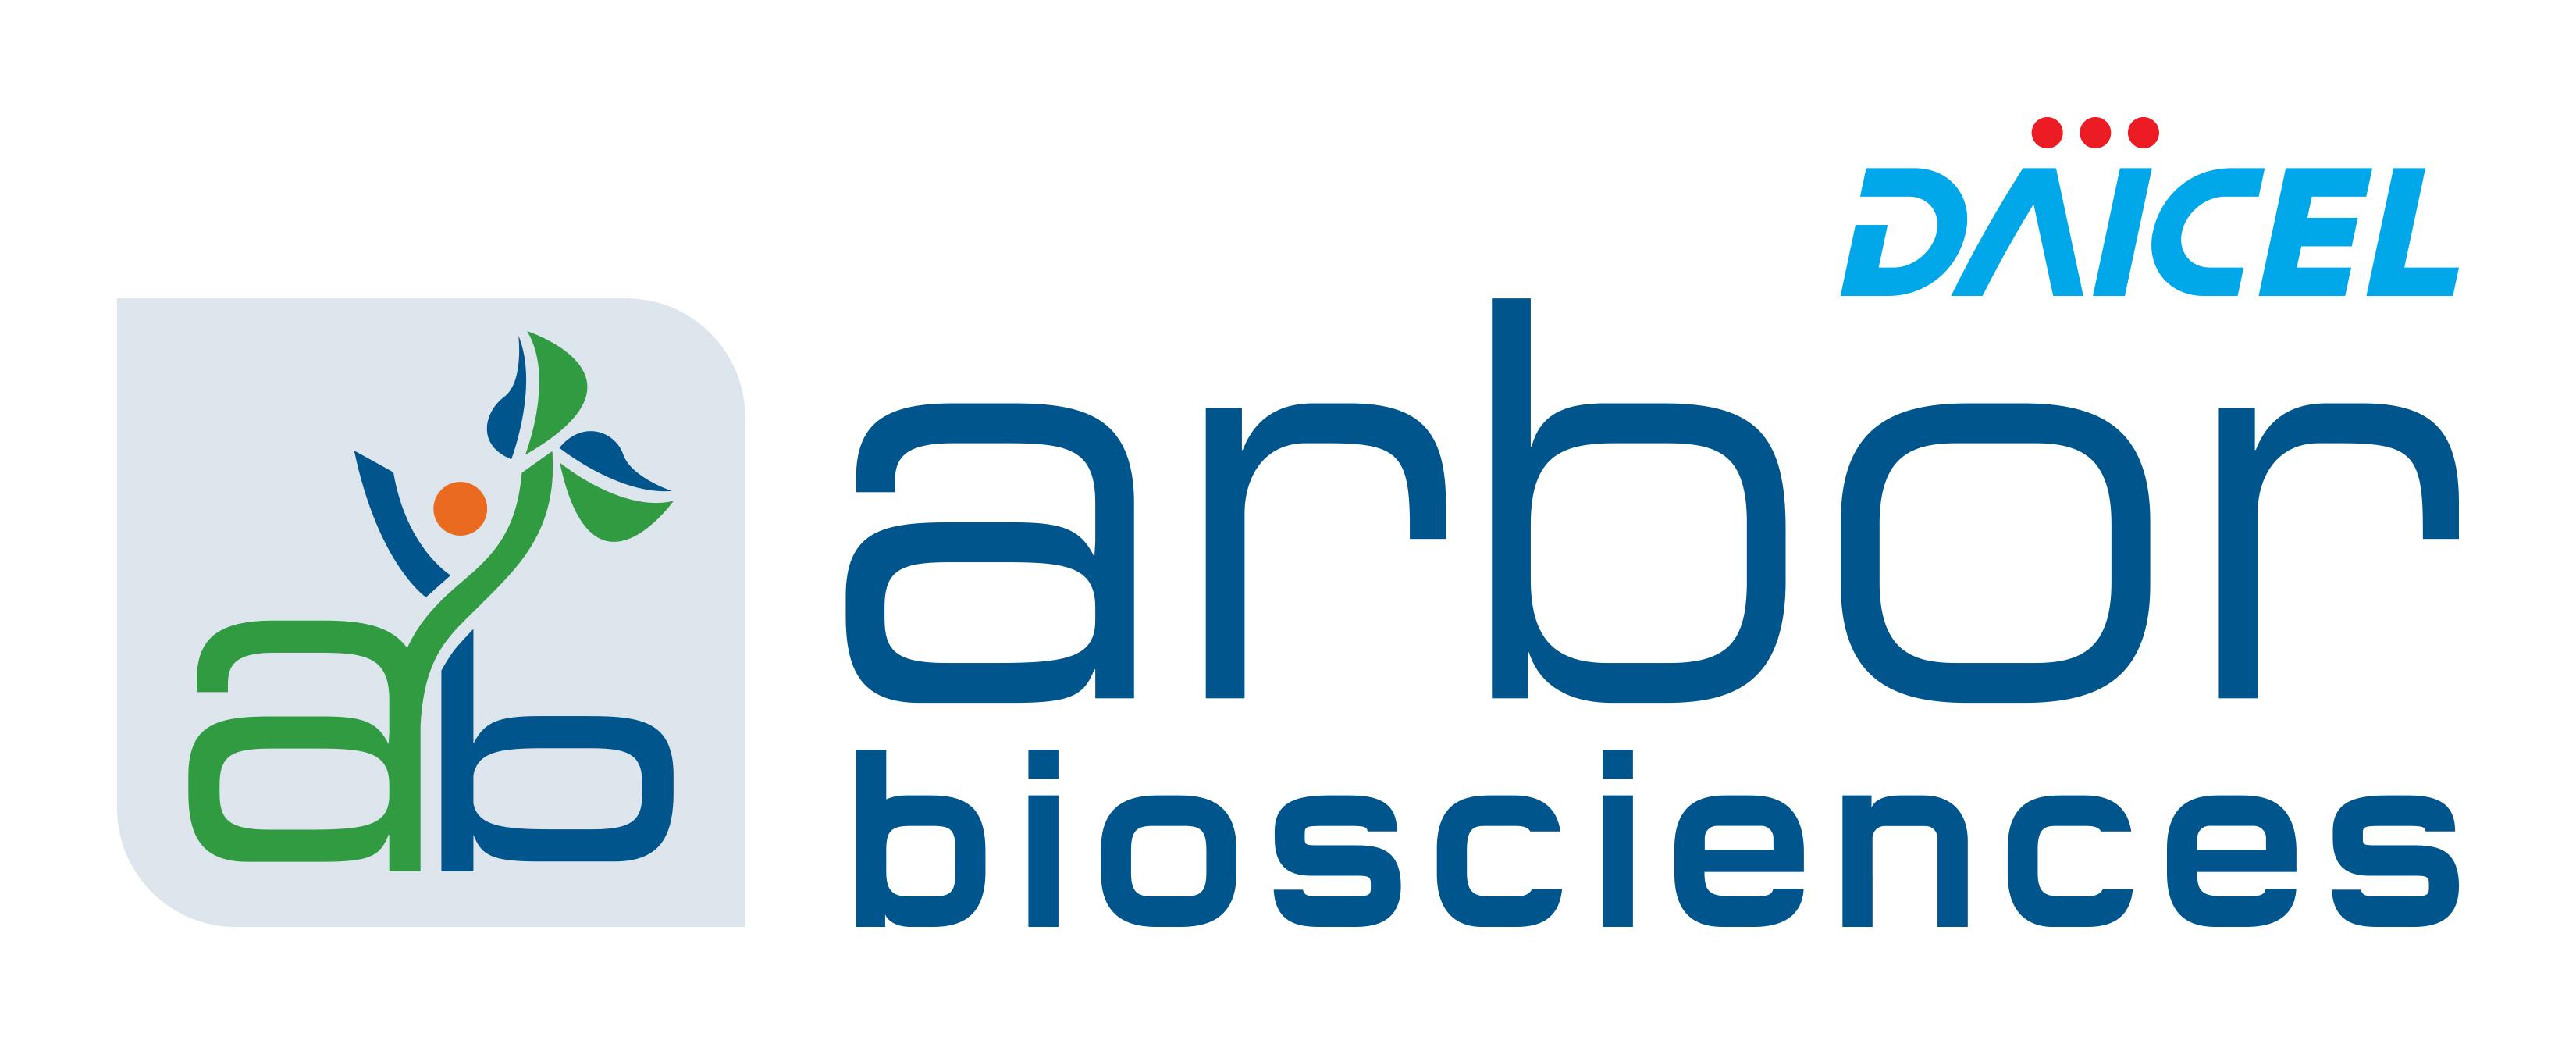 Daicel Arbor Biosciences